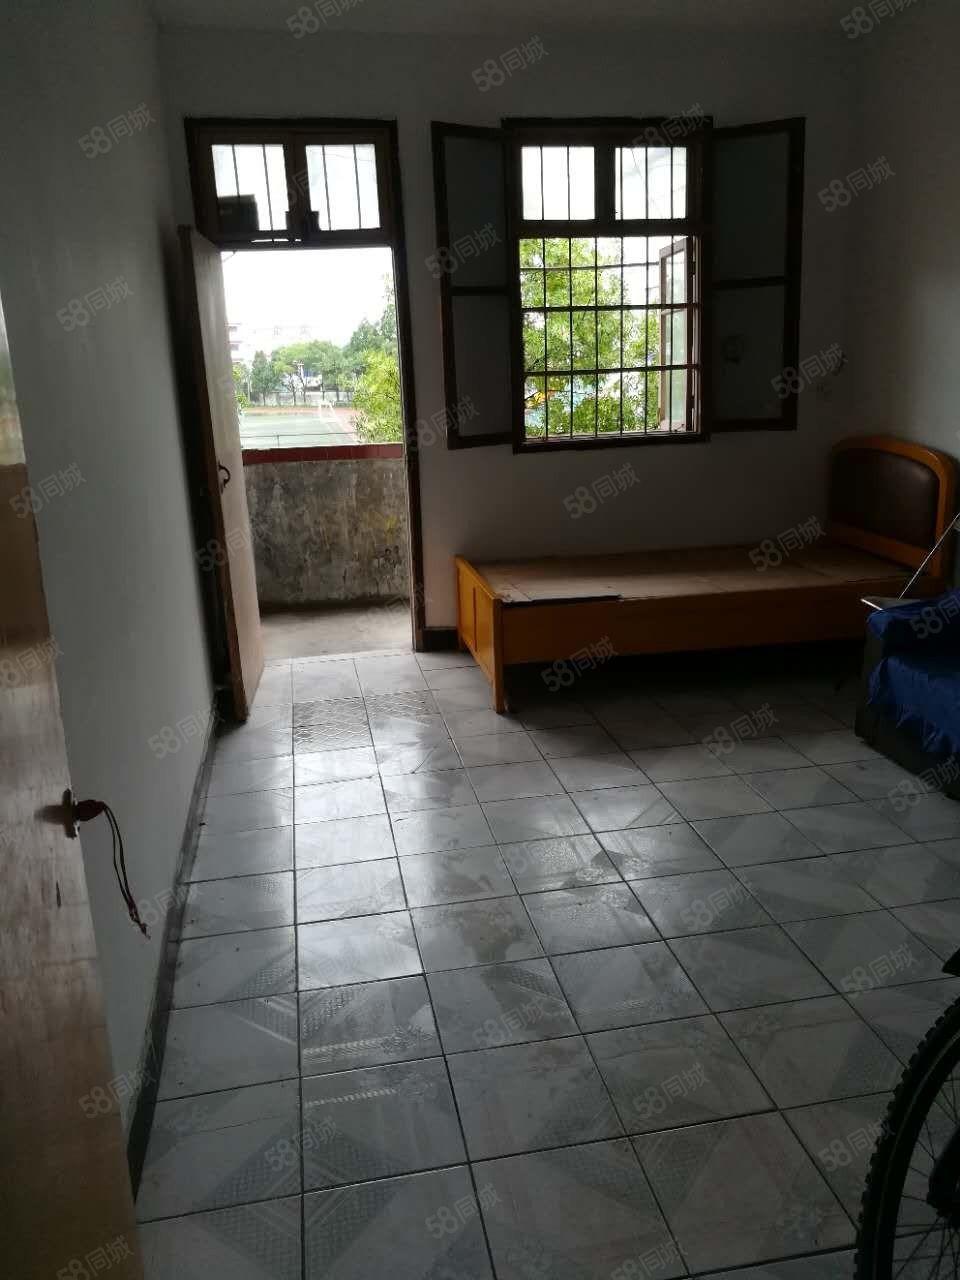 出租西街一中旁边2楼3室1厅一厨一卫摩托车库